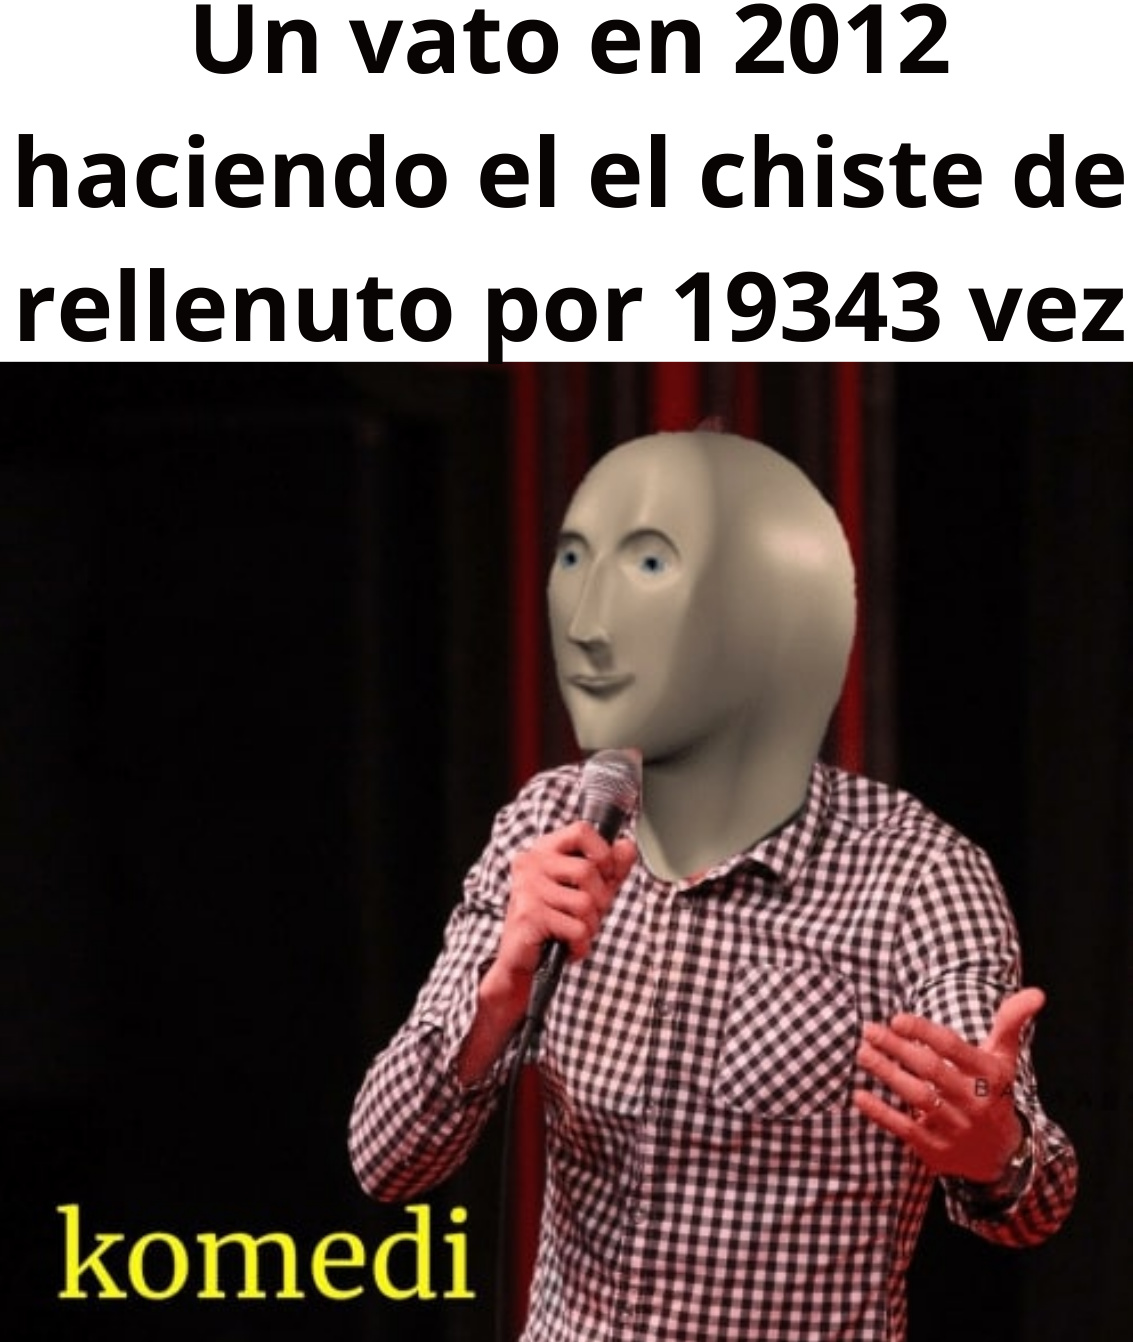 Rellenuto - meme